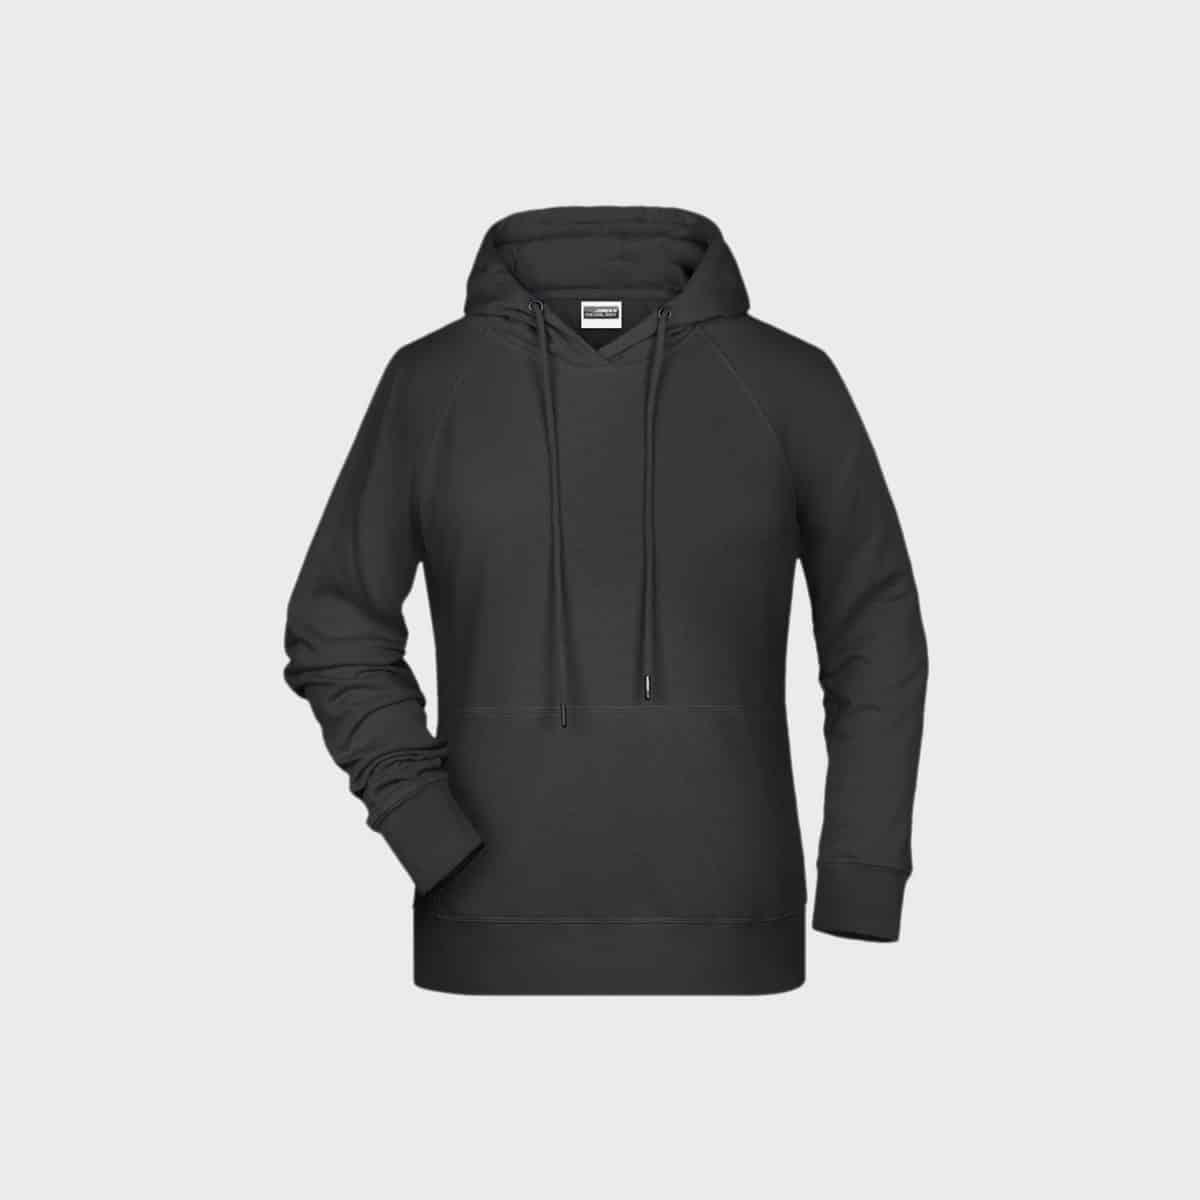 hoodie-damen-bio-cotton-kaufen-besticken_stickmanufaktur